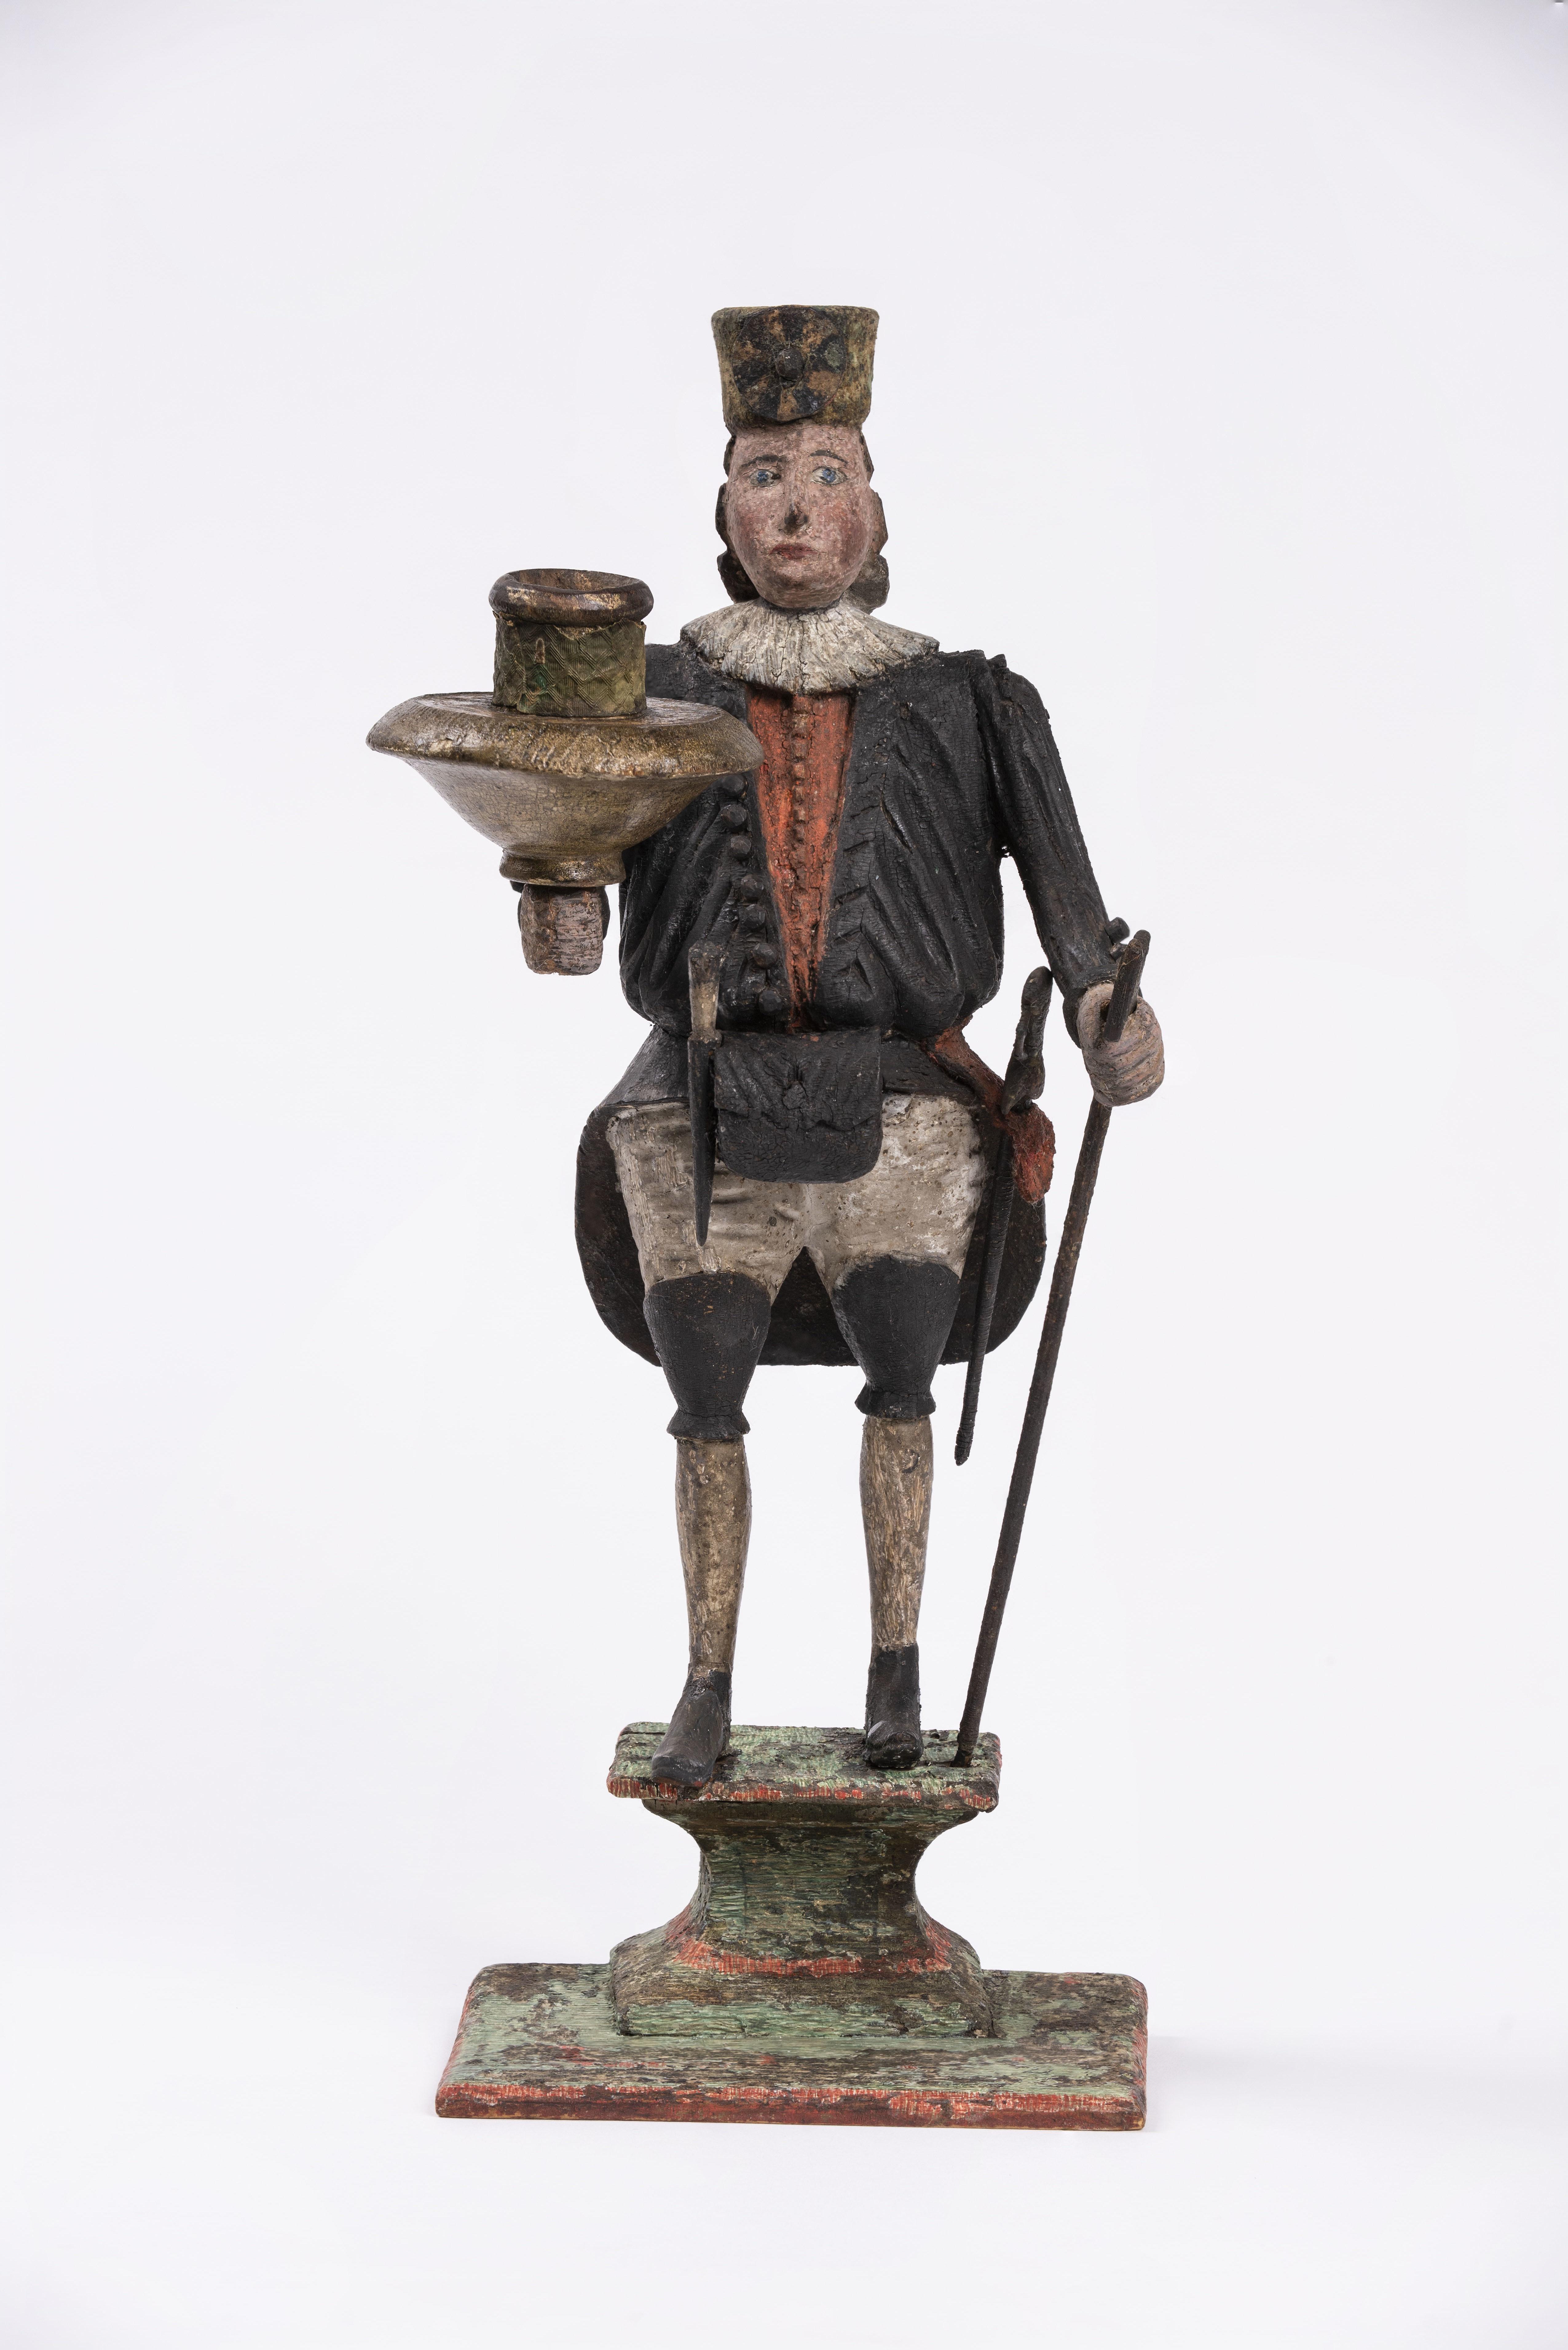 Ältester im offiziellen Habit von 1719, geschnitzt und gefasst kurz nach 1719.